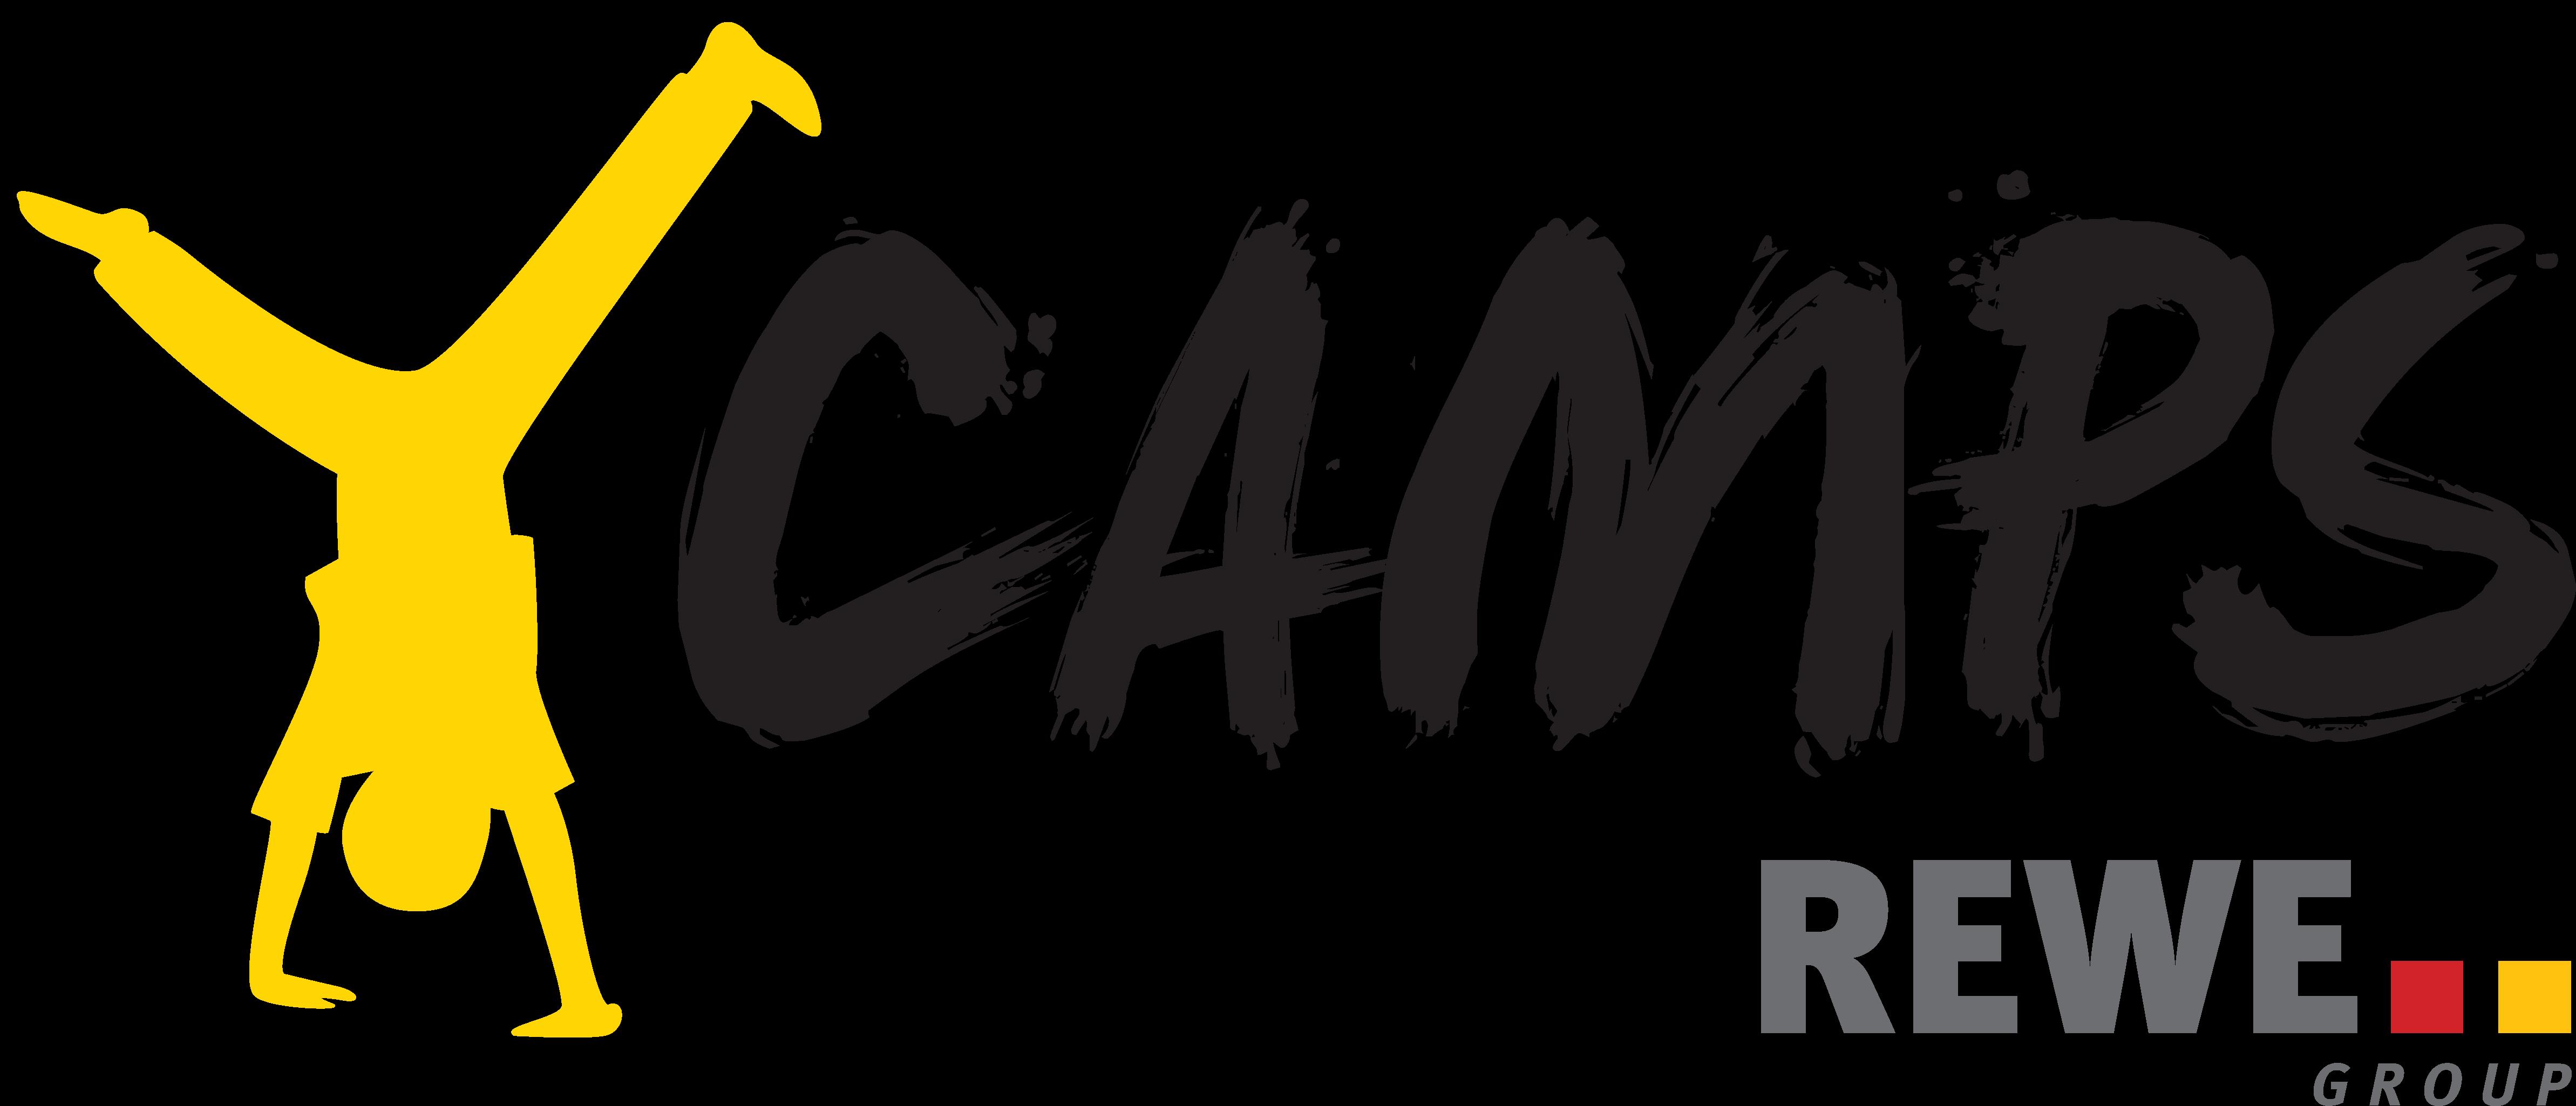 FFeriencamps Logo - BIPA bietet seinen MitarbeiterInnen die Möglichkeit, ihre Kinder zu spannenden und unterhaltsamen Feriencamps anzumelden.